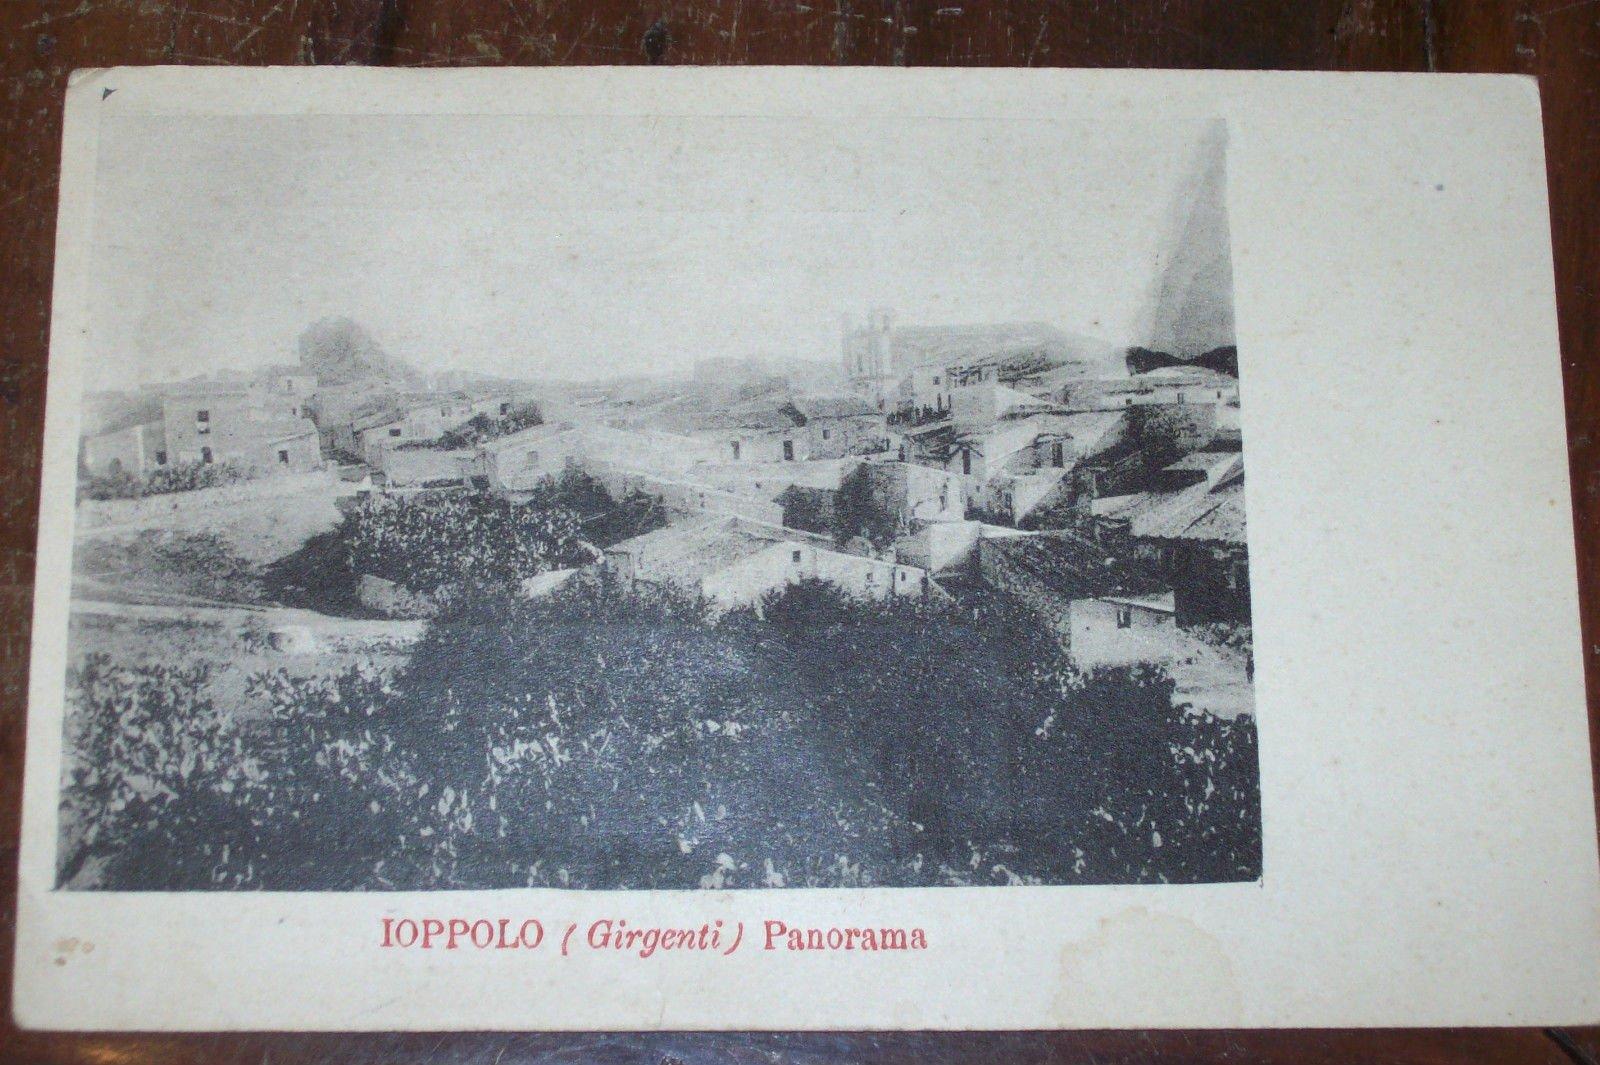 IOPPOLO- primo-900-PANORAMA